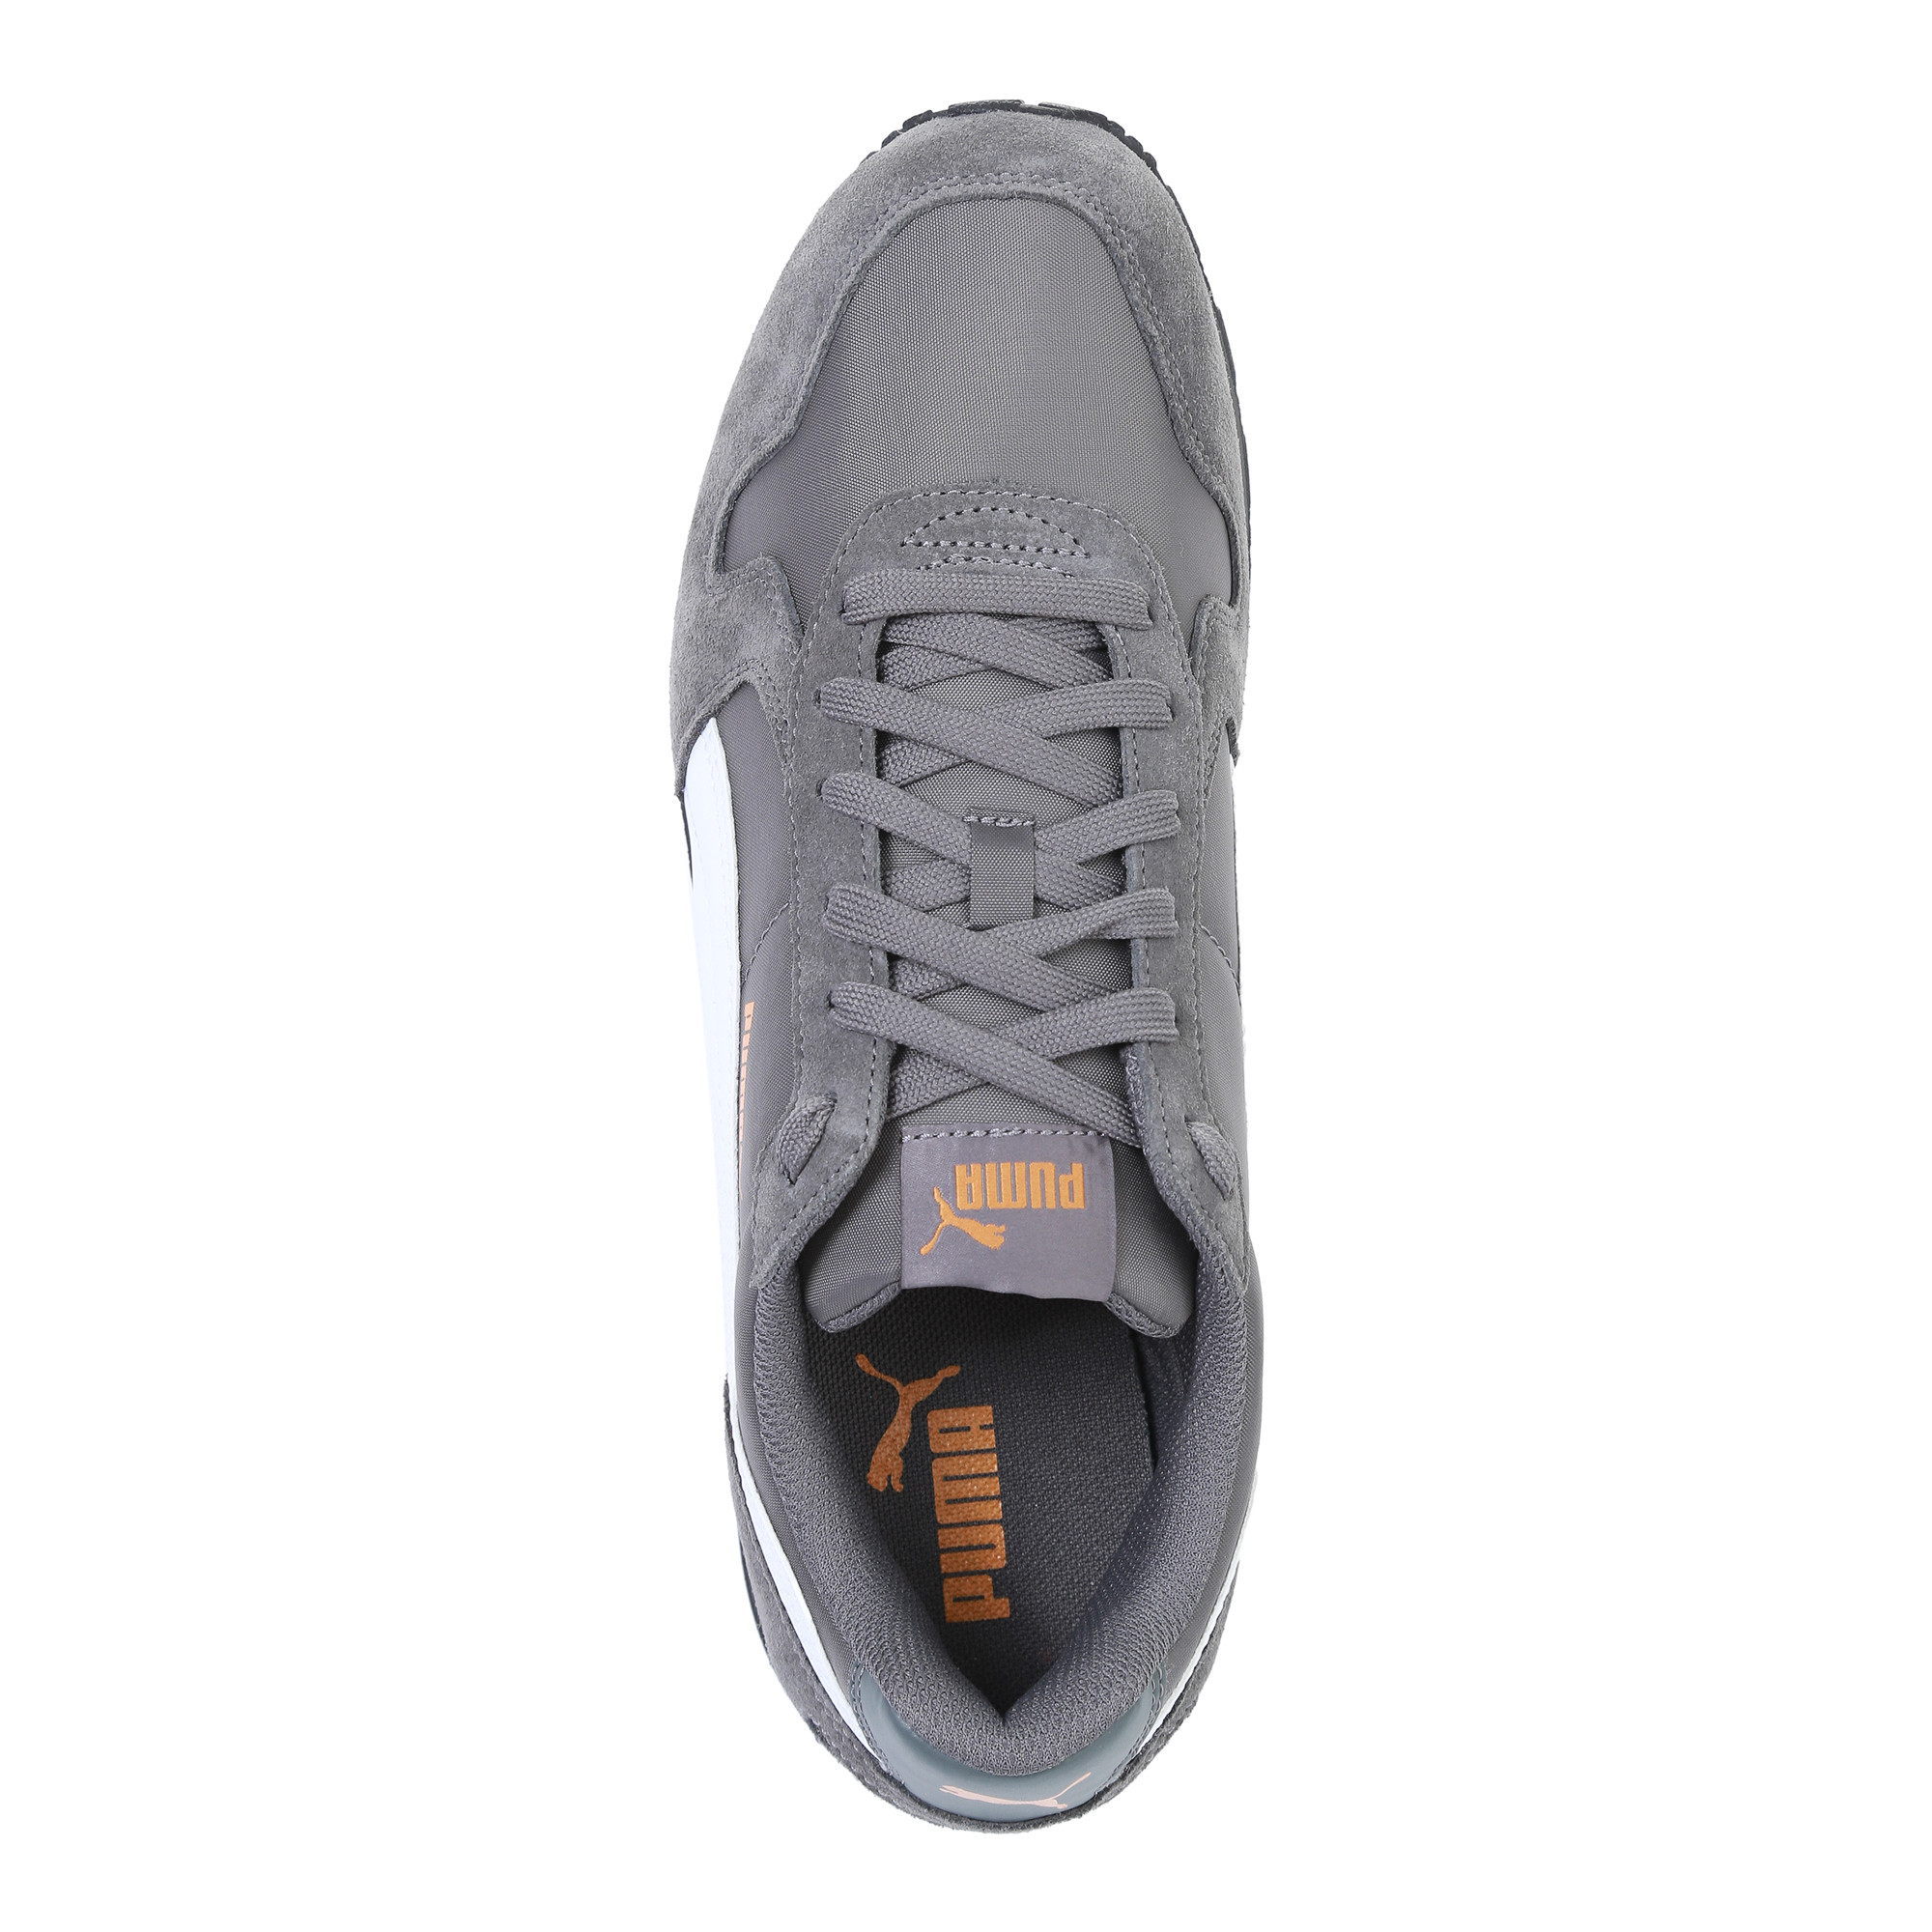 حذاء جري رياضي خطوط بيضاء ماركة بوما